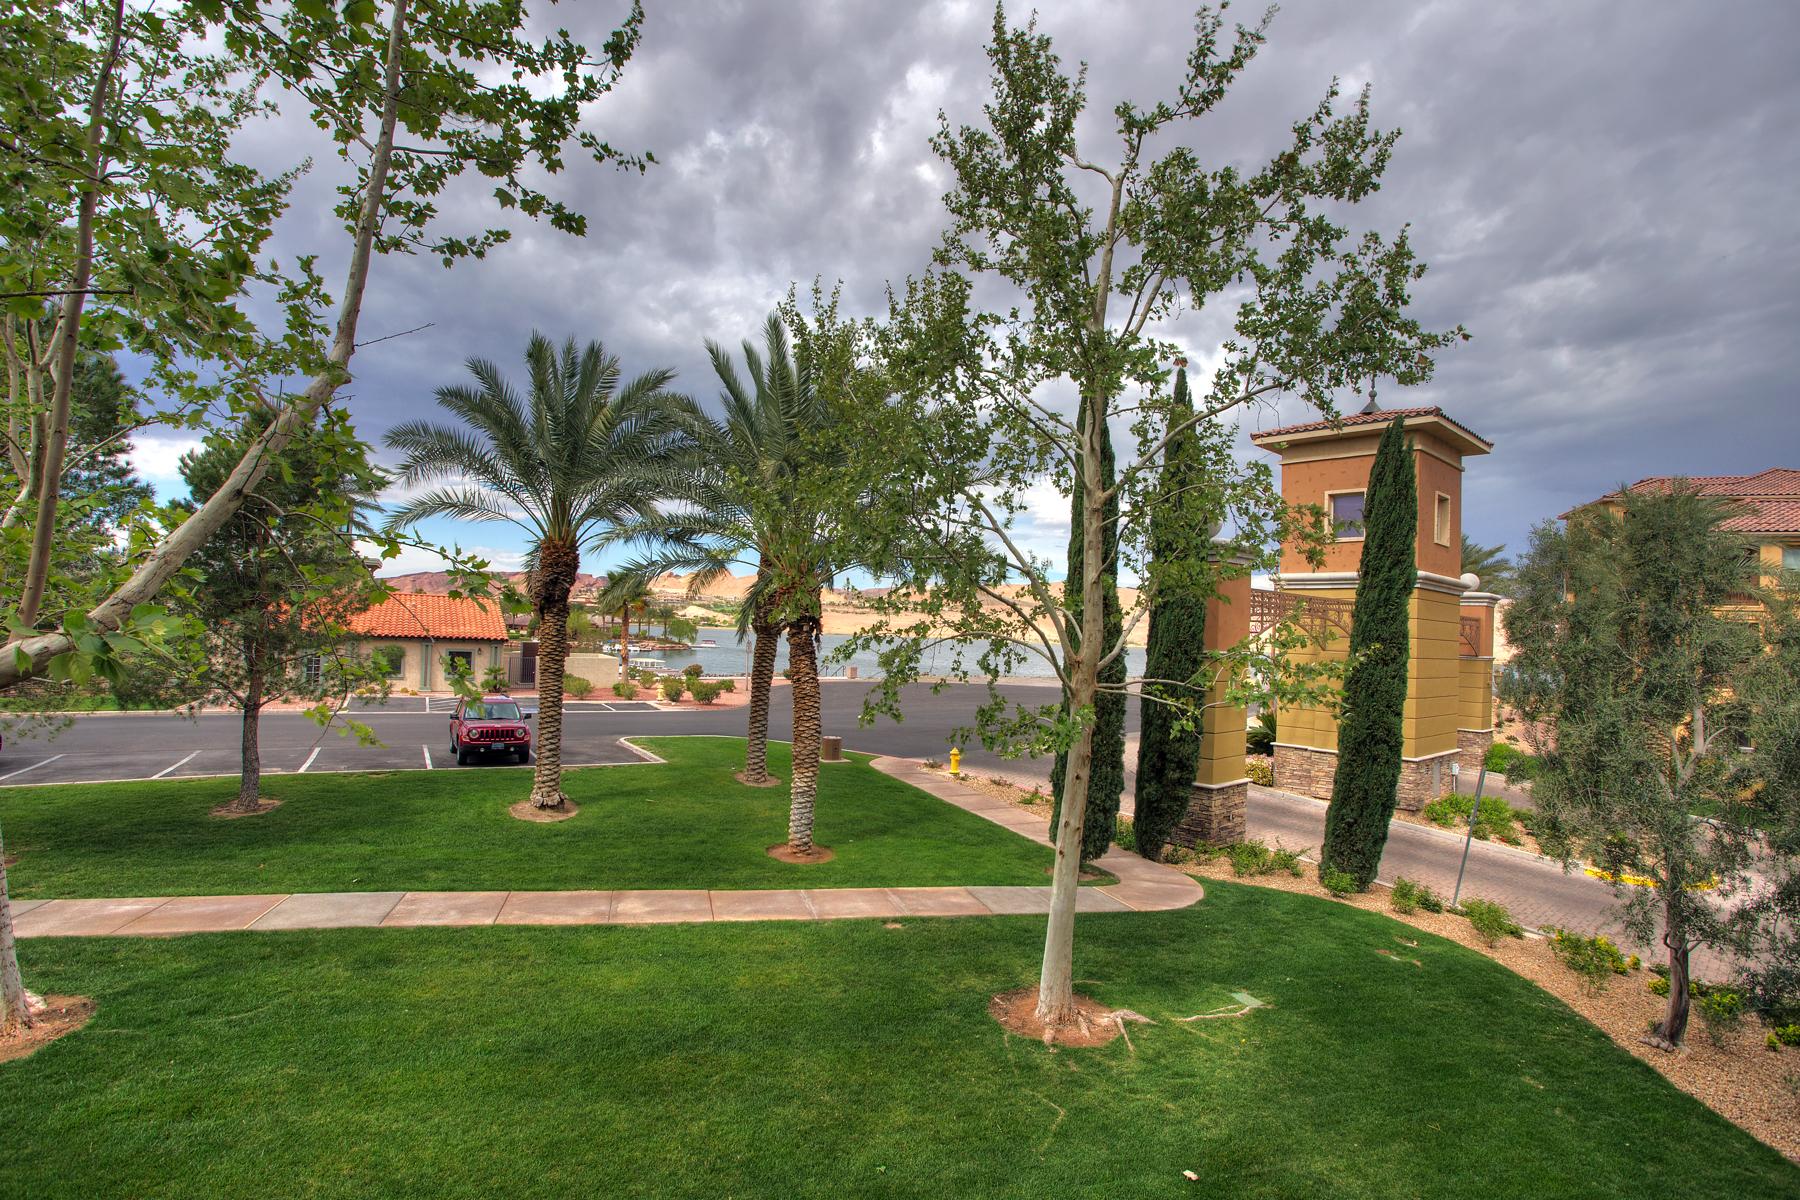 共管物業 為 出售 在 15 Via Mantova 206, Henderson, NV 89011 Lake Las Vegas, Henderson, 內華達州, 89011 美國